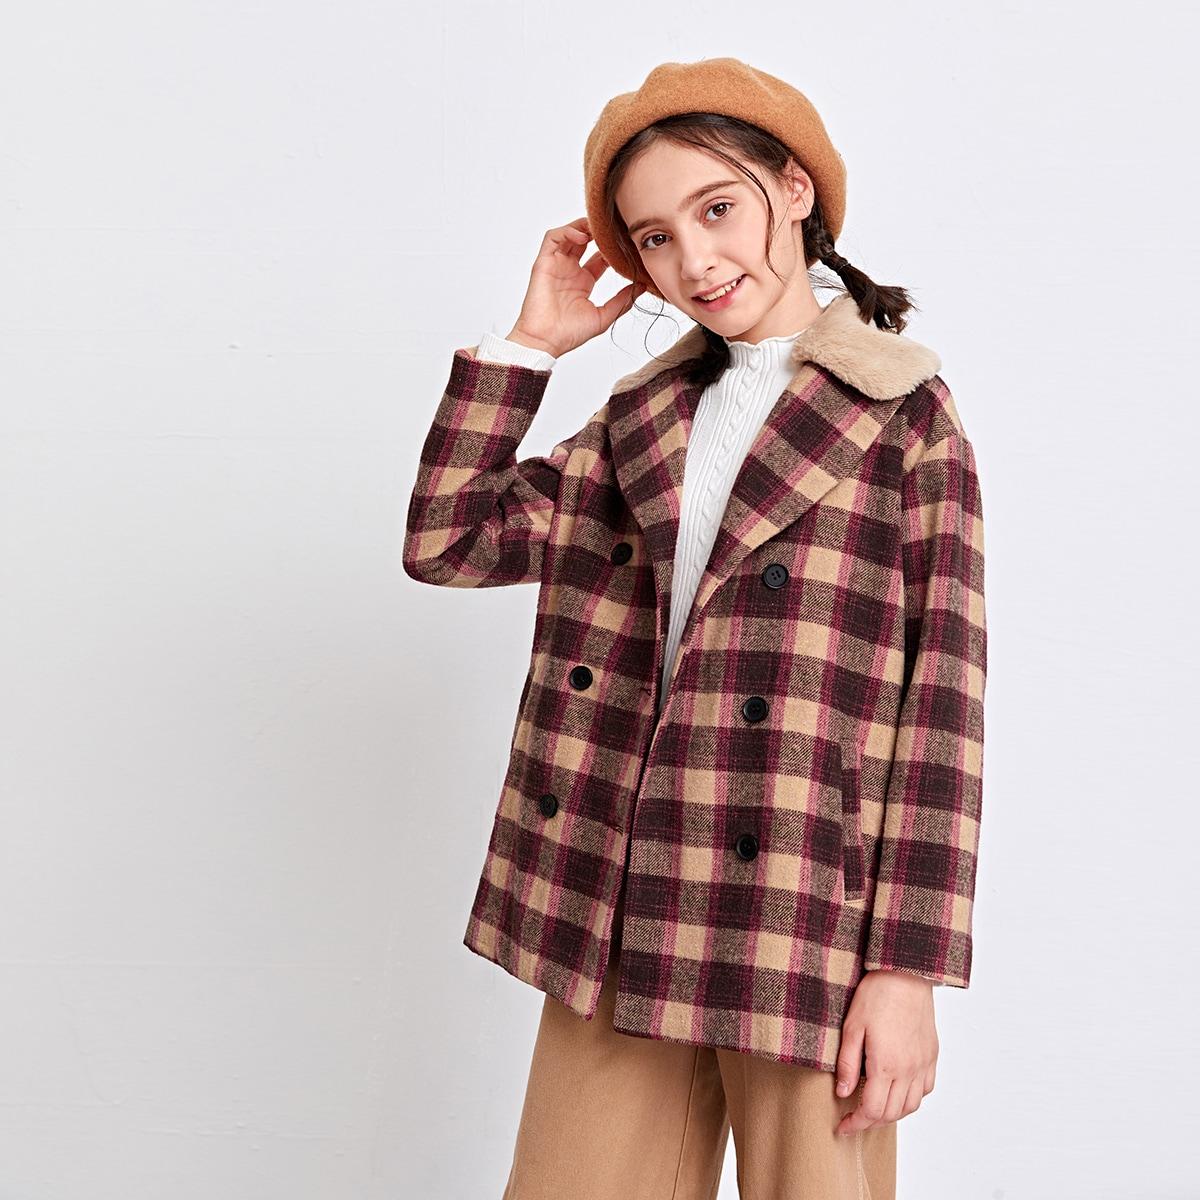 Mantel mit Kontrast Kunstpelz am Kragen und Karo Muster